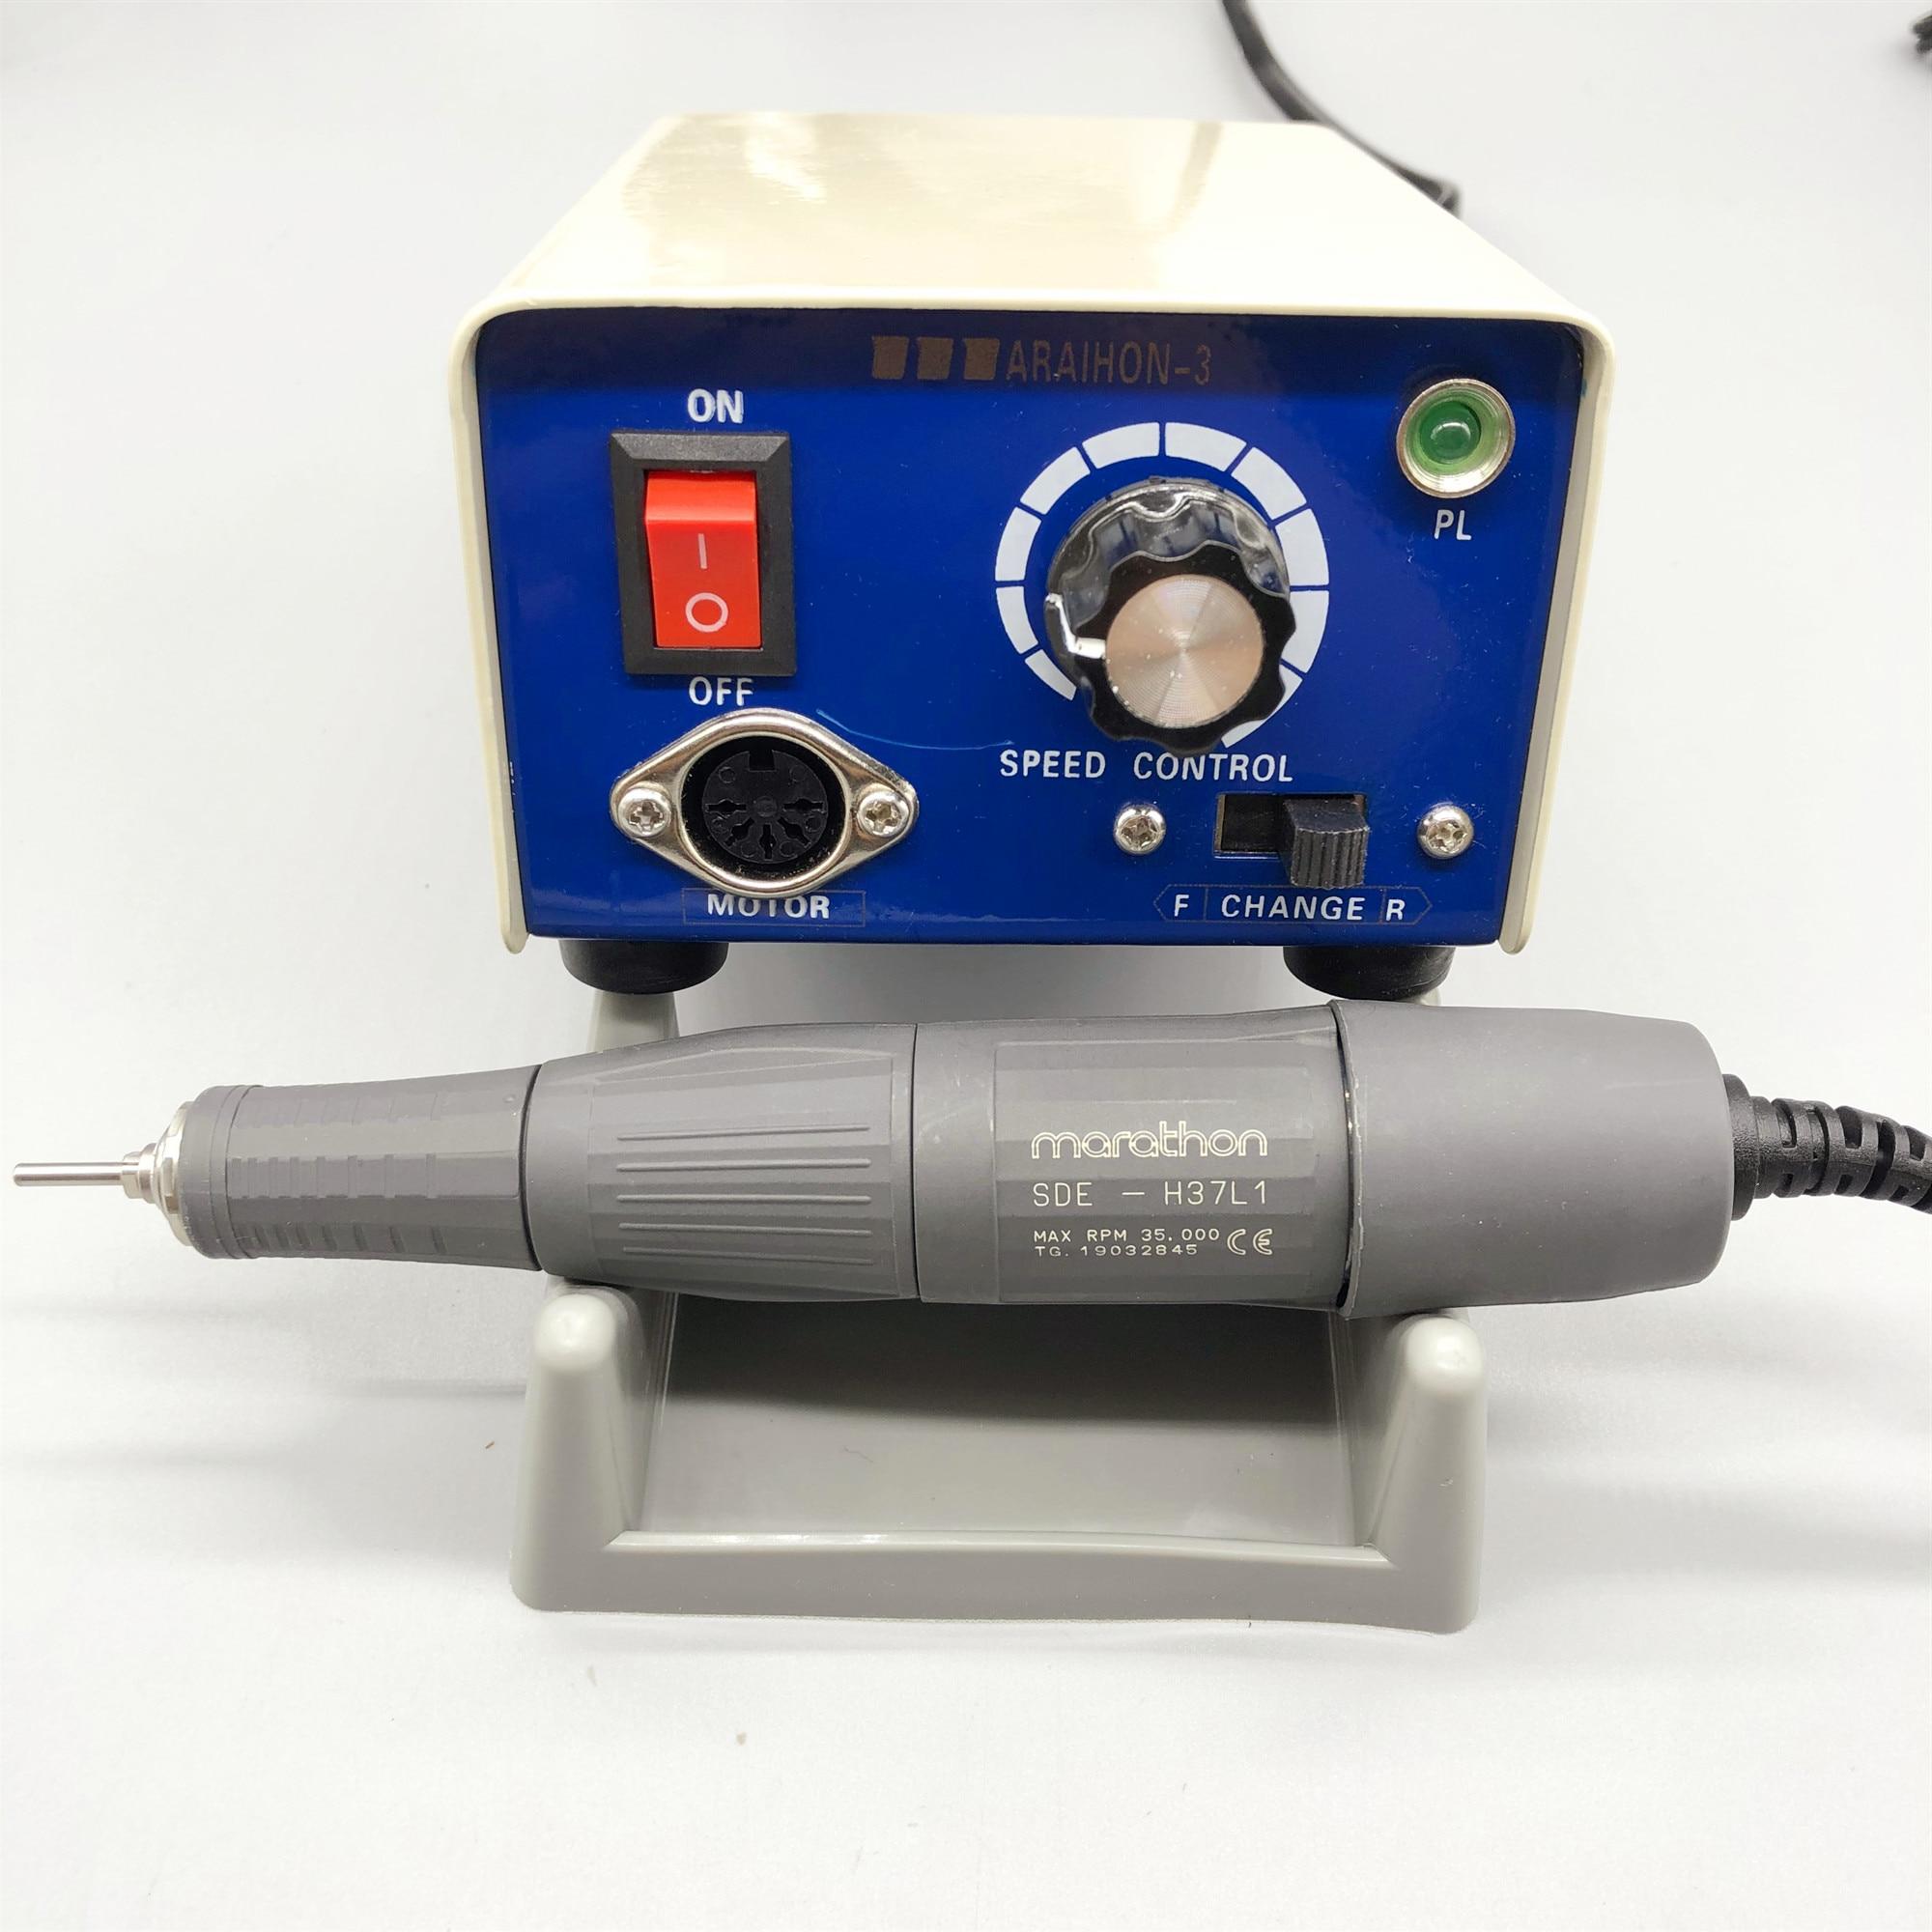 65W 35000 rpm Saeyang Micro Motor de la caja de Control para H37L1 / H35P1 / M33Es Mini pulidor de uñas